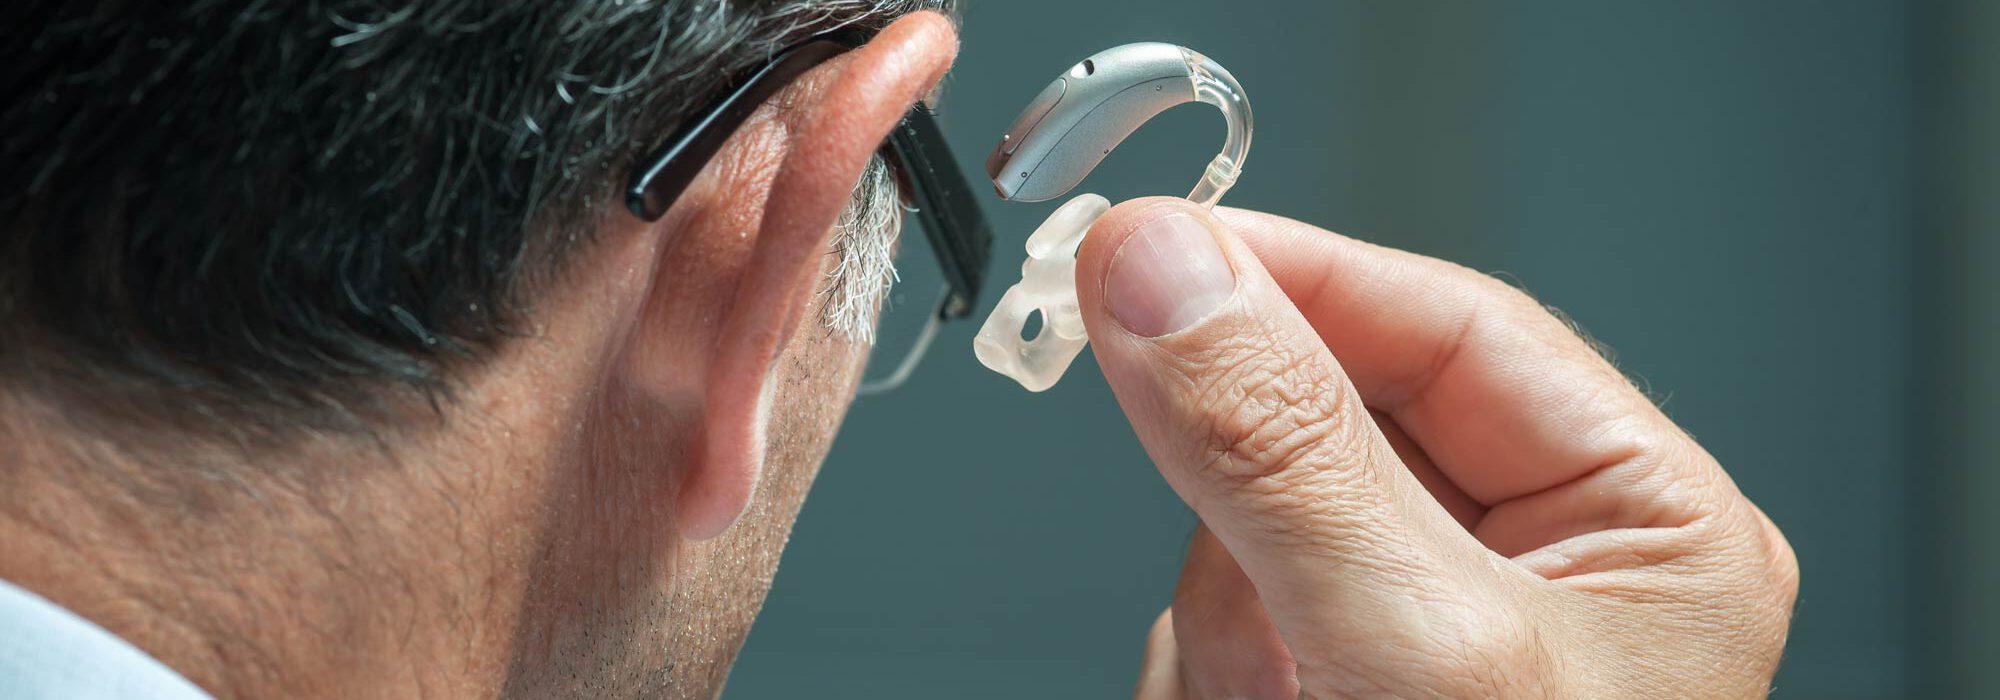 Welches Hörgerät passt zu mir? Das Hörakustik-Team von Heerhorst begleitet Sie zu Ihrem Hörgerät.